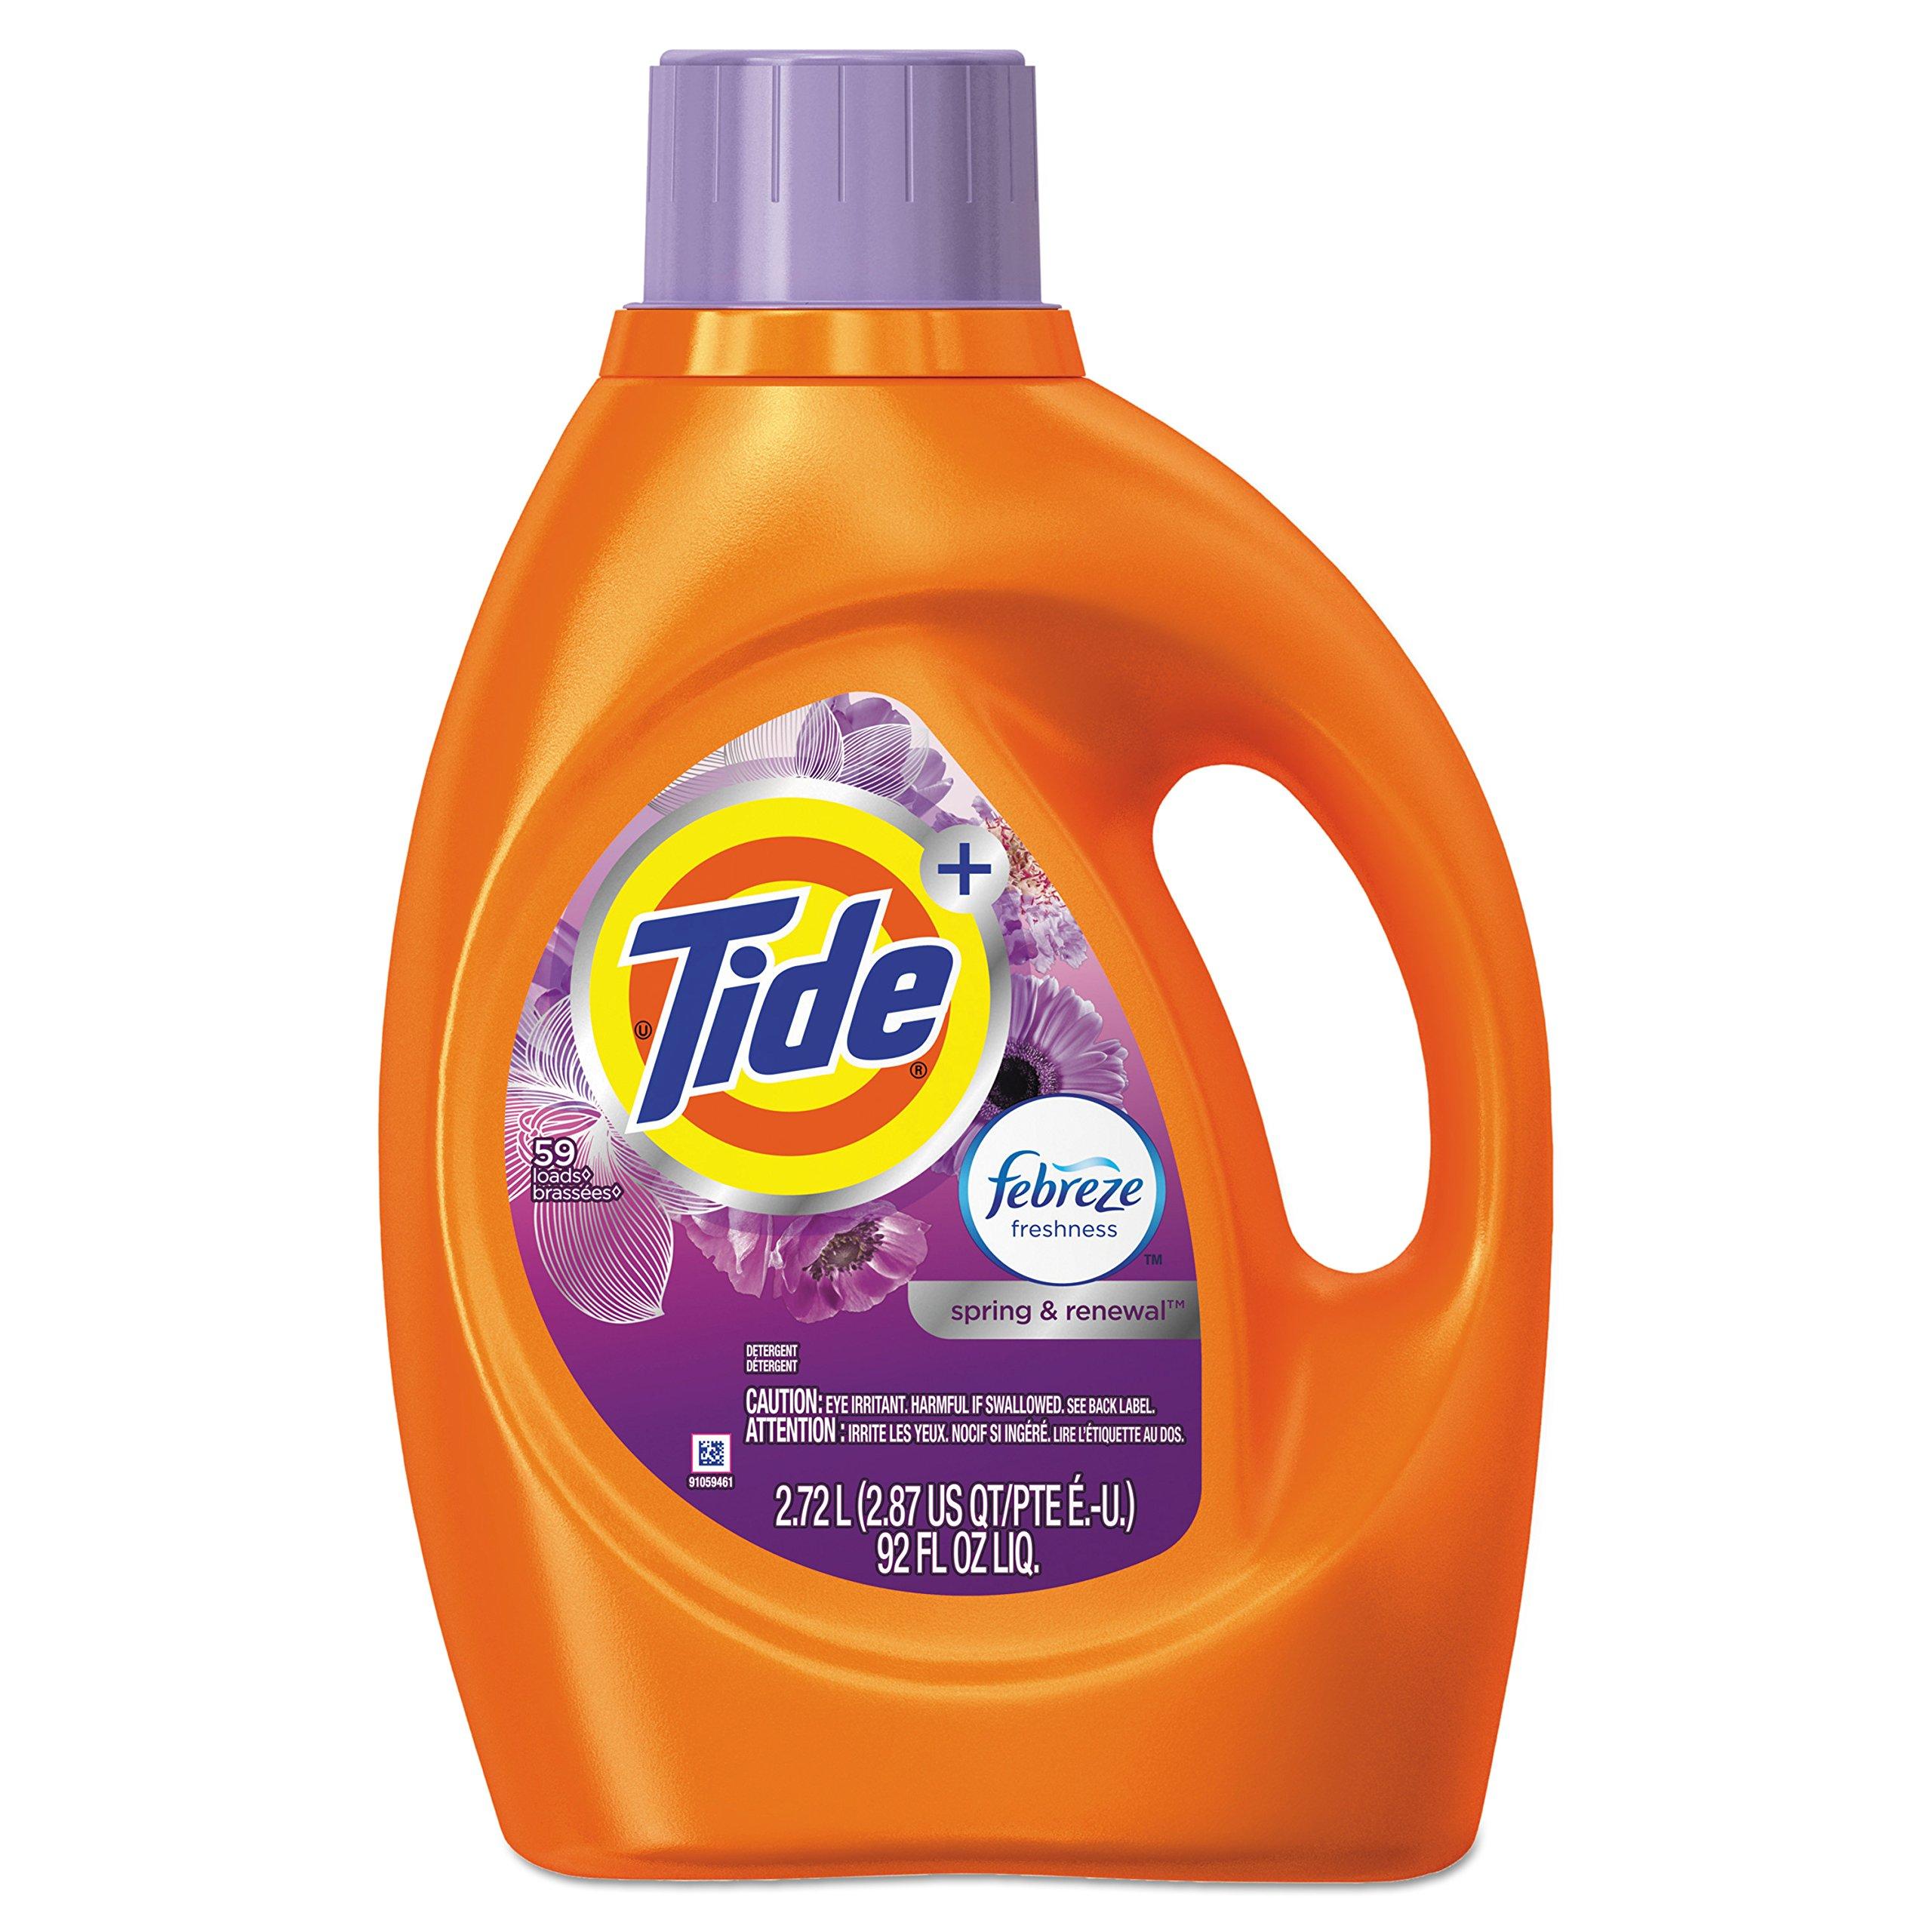 Tide 87566CT Plus Febreze Liquid Laundry Detergent, Spring & Renewal, 92oz Bottle (Case of 4)